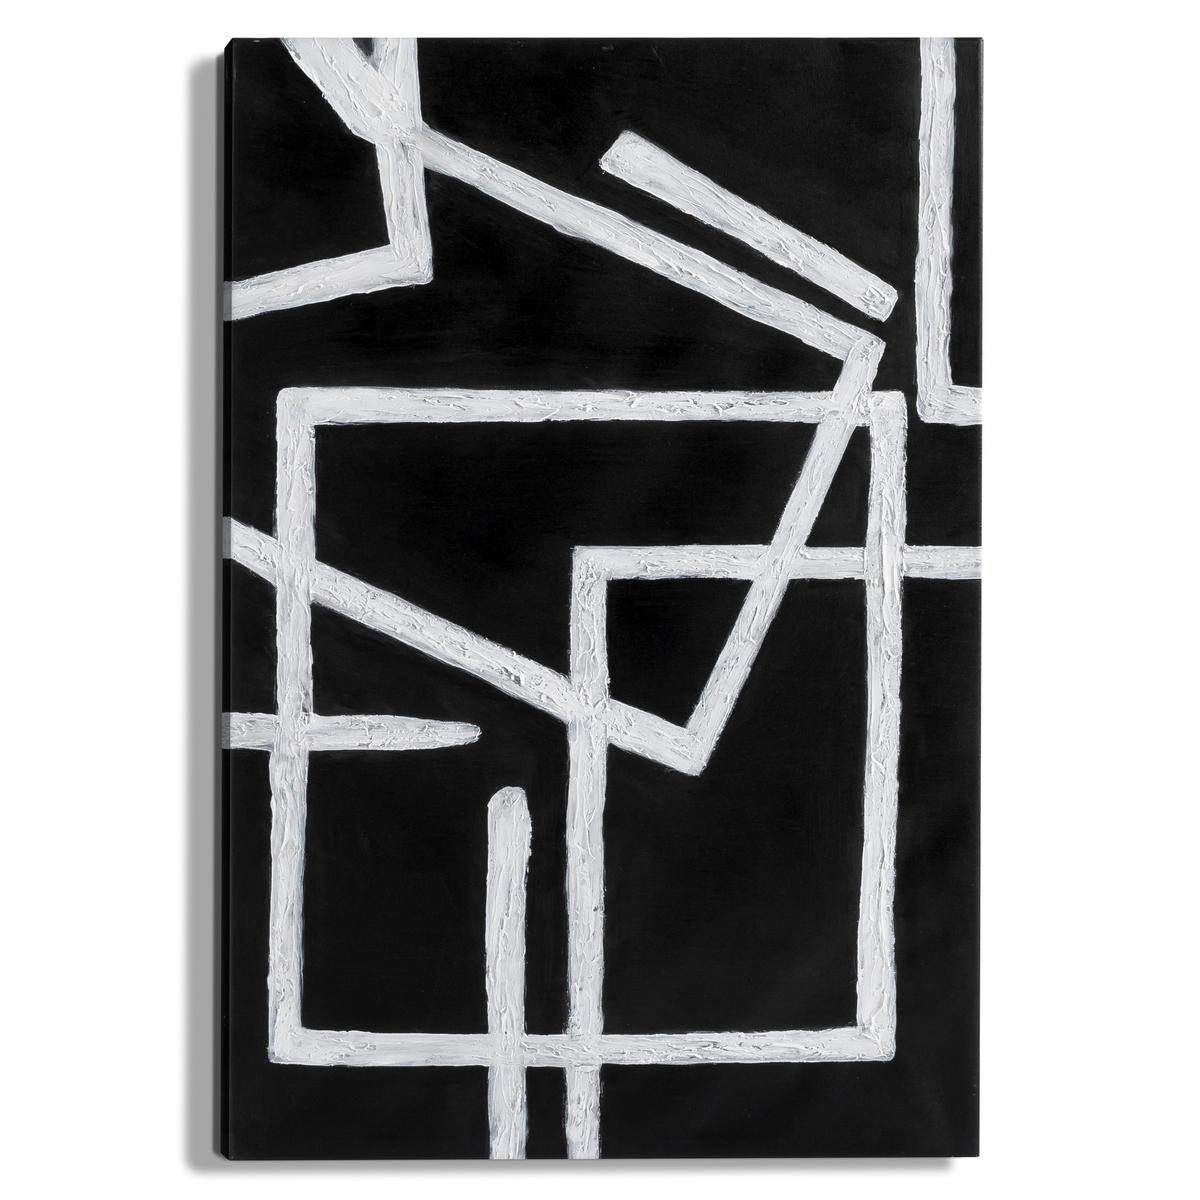 Картина MagiaКартина Magia. Этнический белый рисунок на черном фоне, абстрактное искусство в этническом стиле, ручная работа.Характеристики: :- Настоящая картина, ручная работа- Рамка из ели и холст- 1 крюк для крепления на стенуРазмеры : - 60 x 90 см<br><br>Цвет: черный/ белый<br>Размер: единый размер